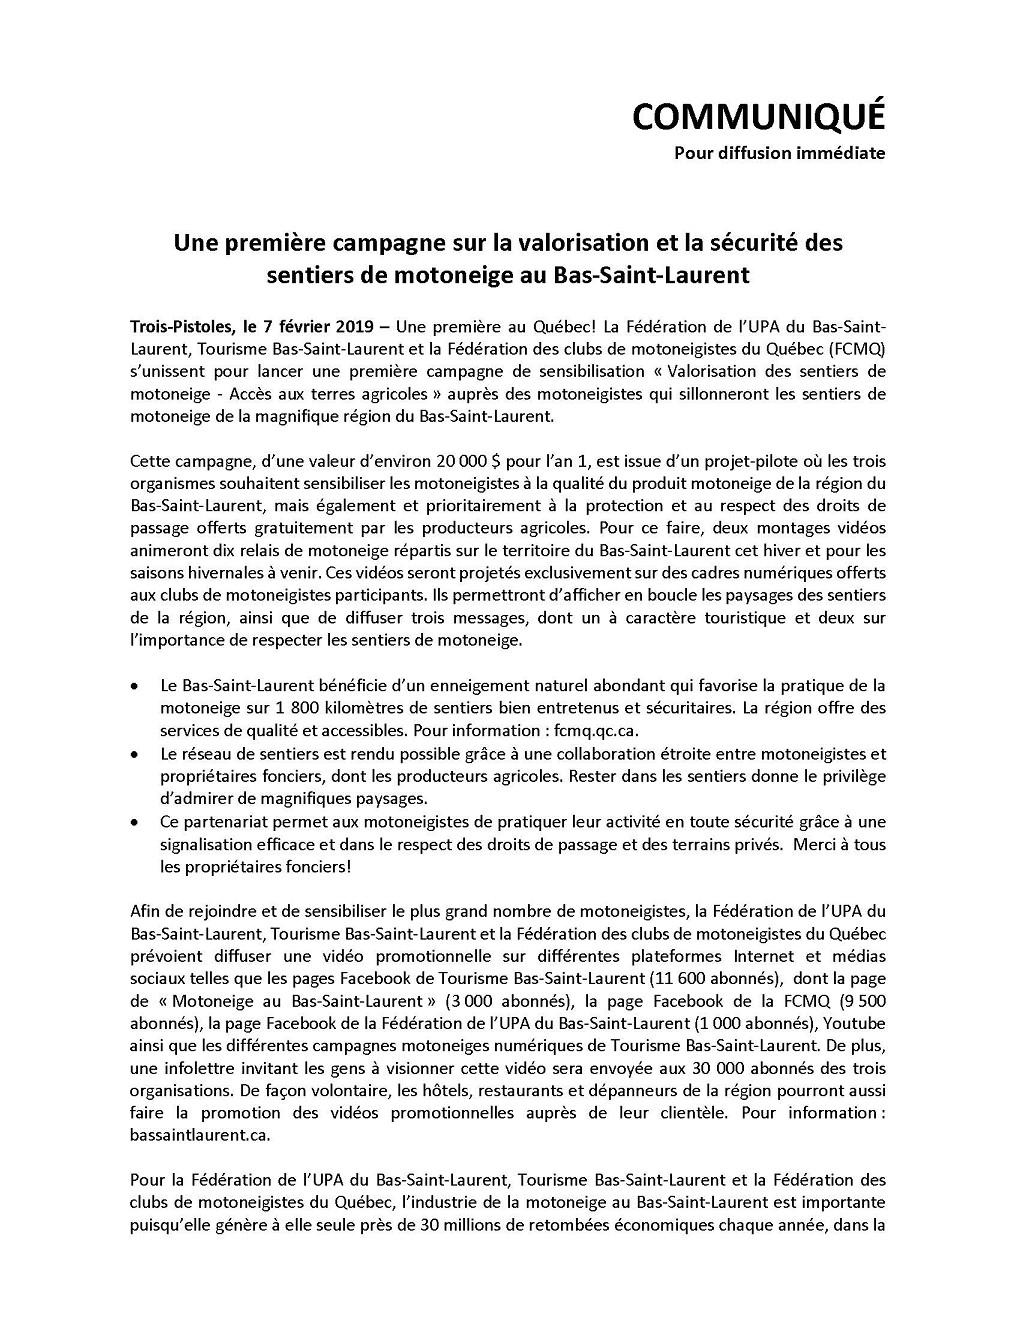 COMMUNIQUÉ -Motoneige- campagne sur la valorisation et la sécurité_Page_1 (Auteur : Angélika)